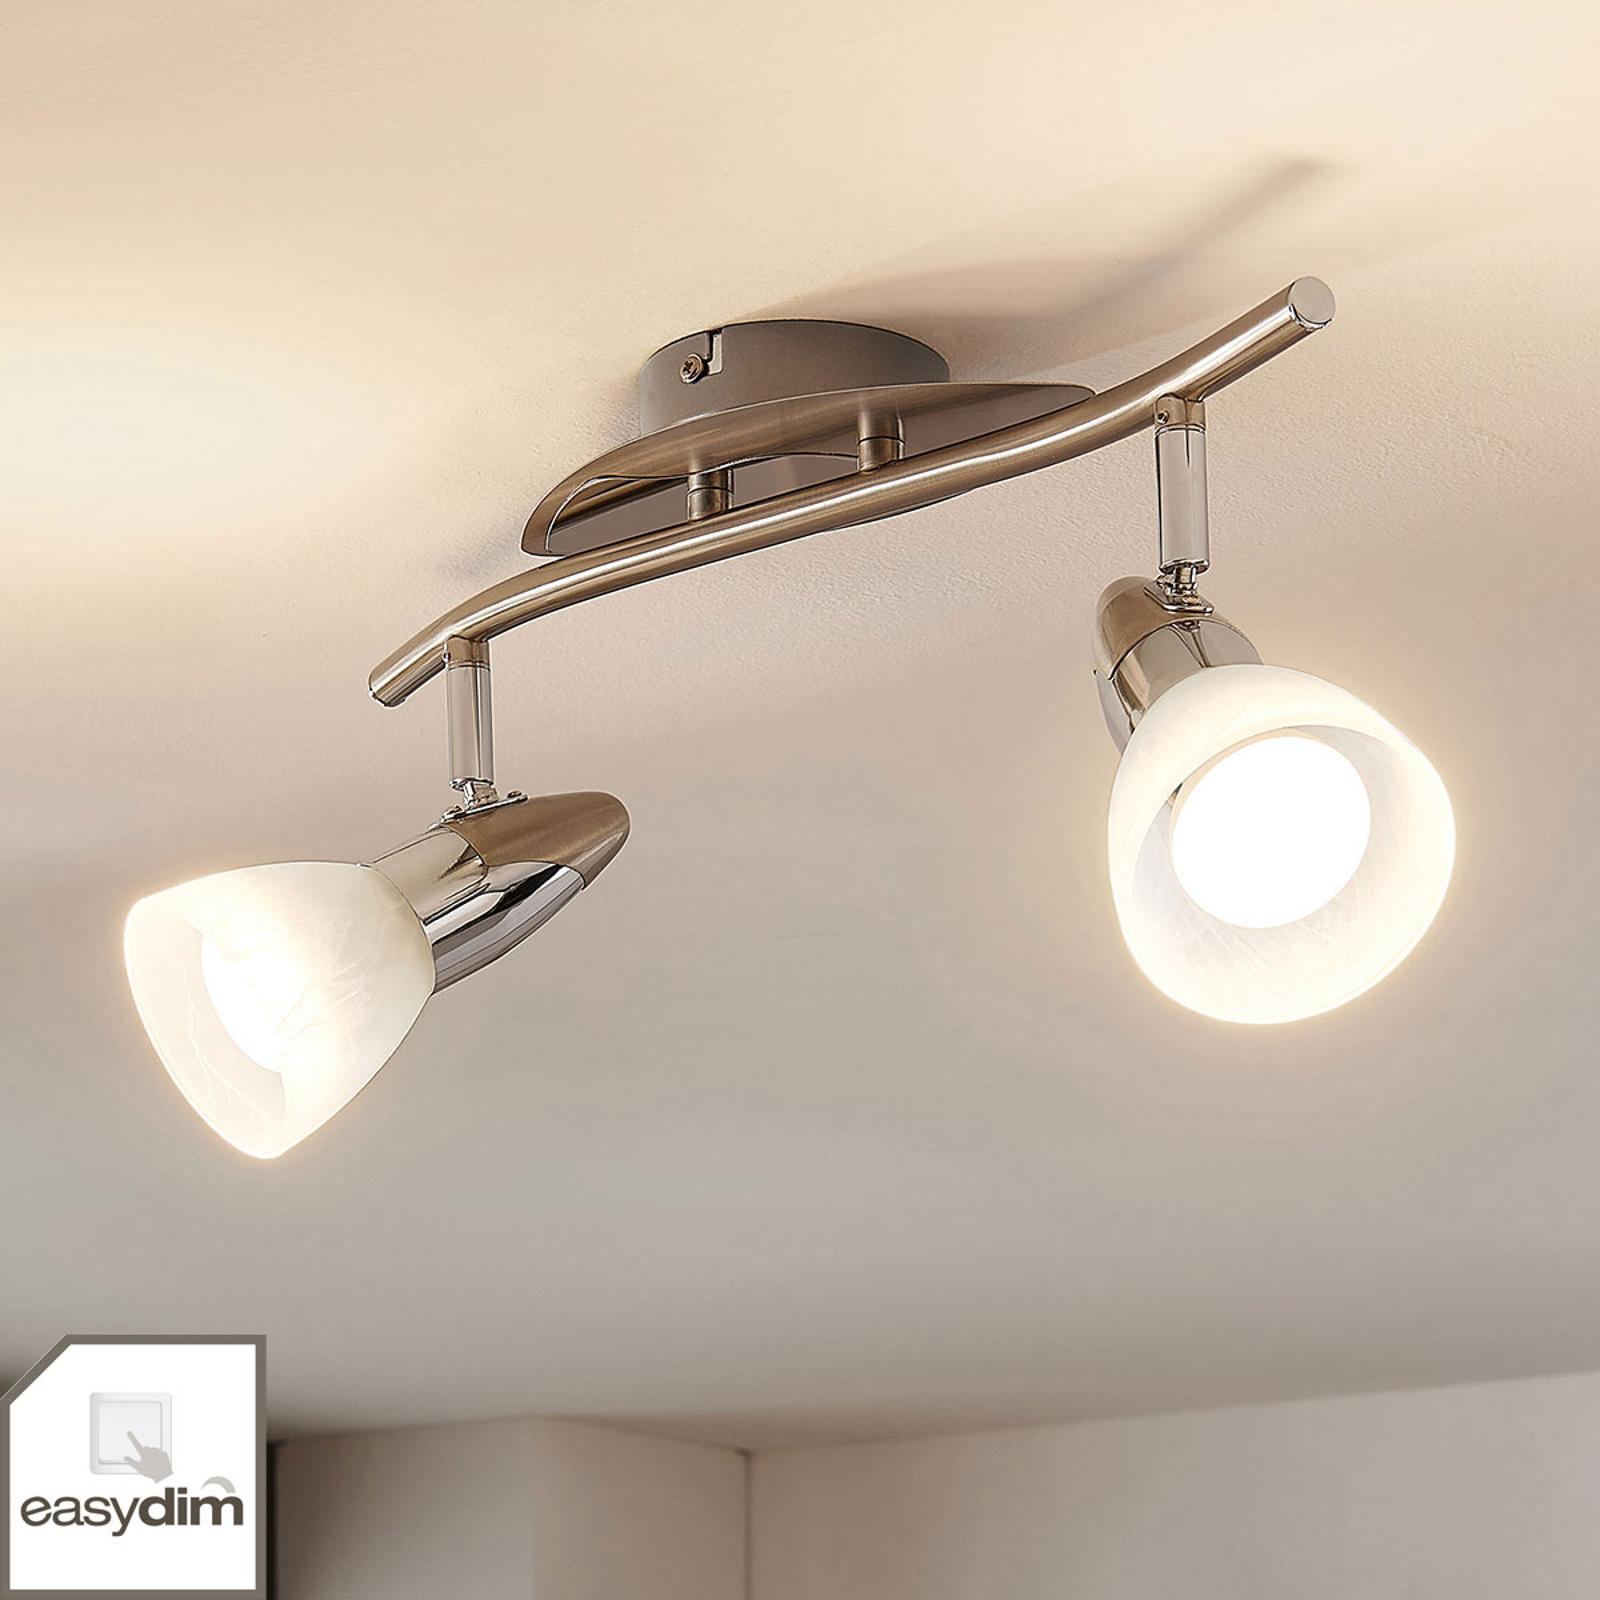 Plafonnier Cora, easydim, deux lampes